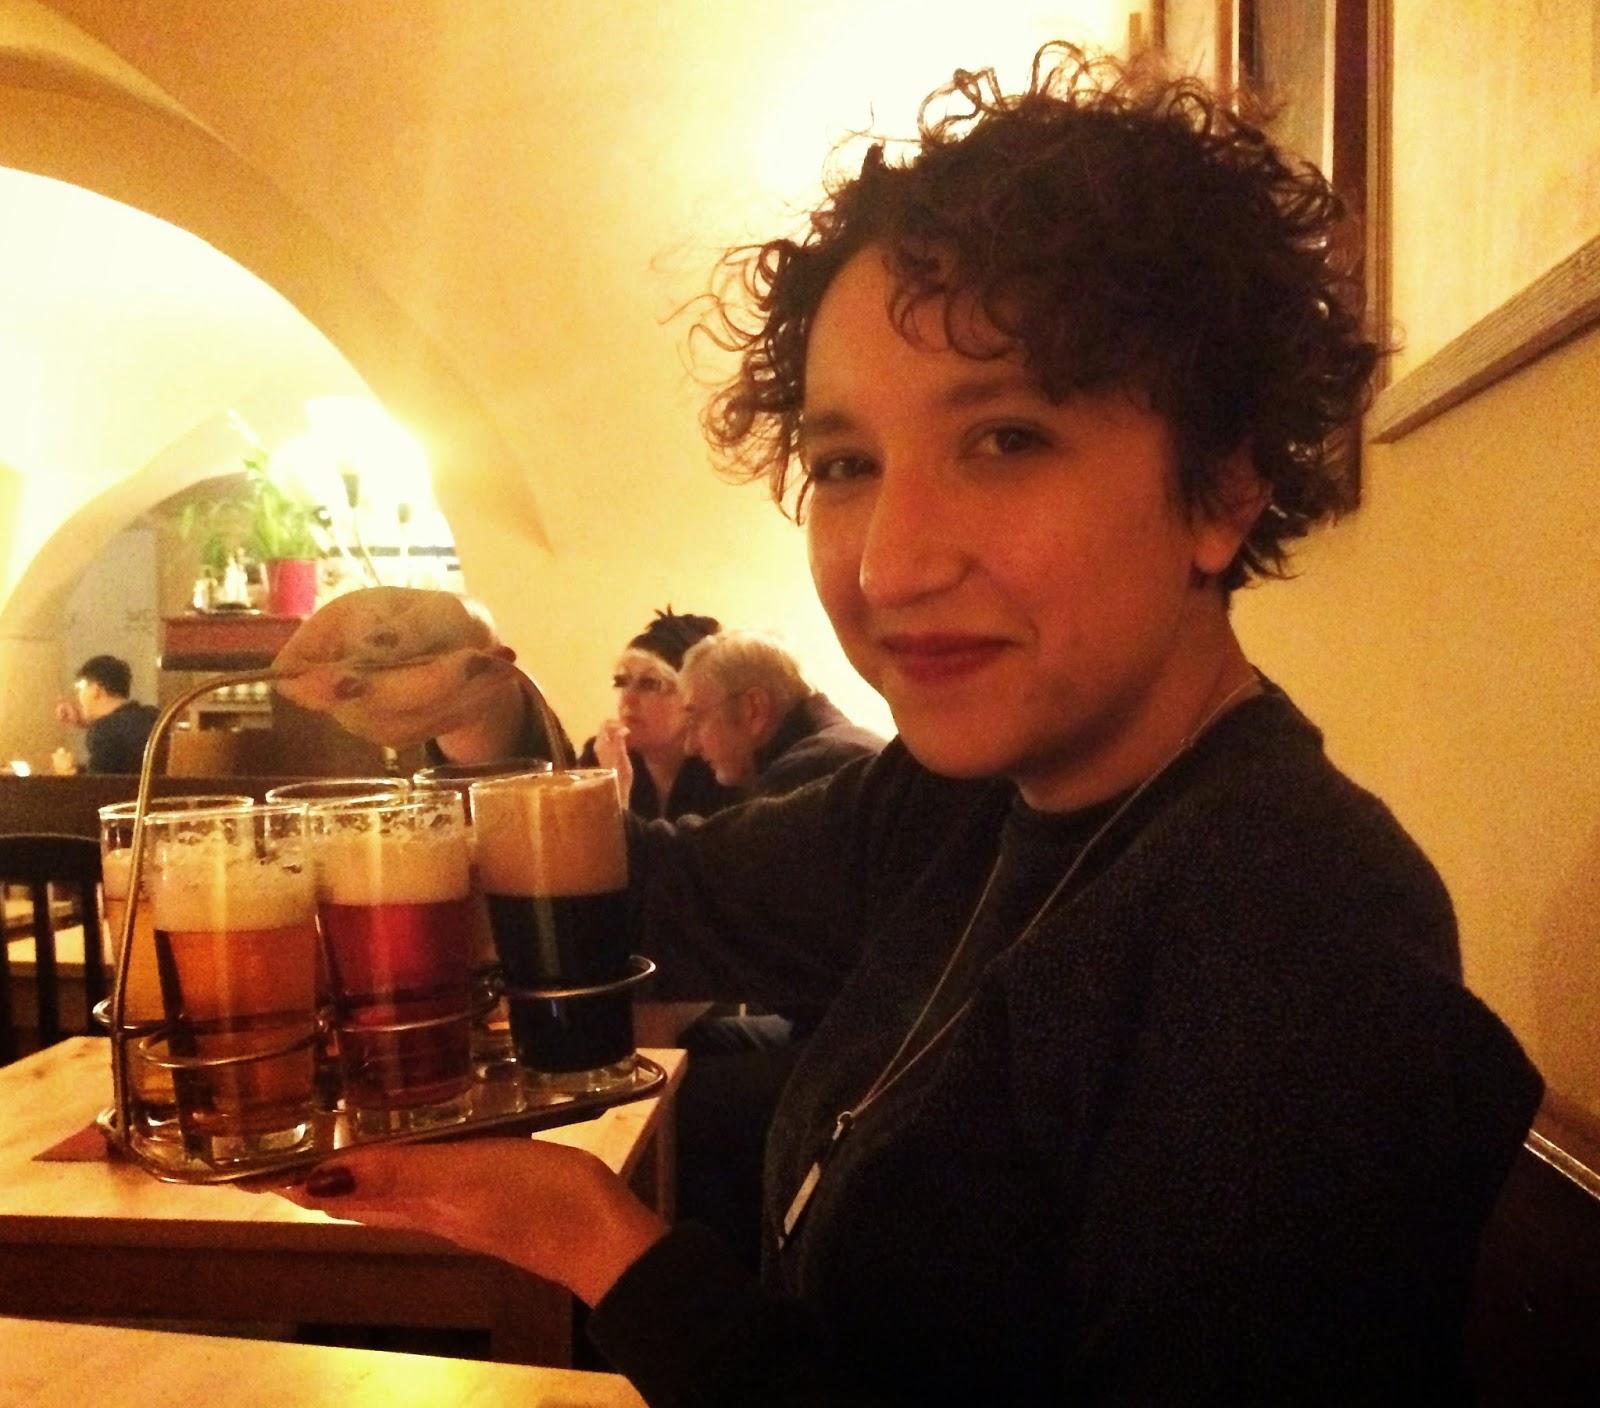 beer taster tray